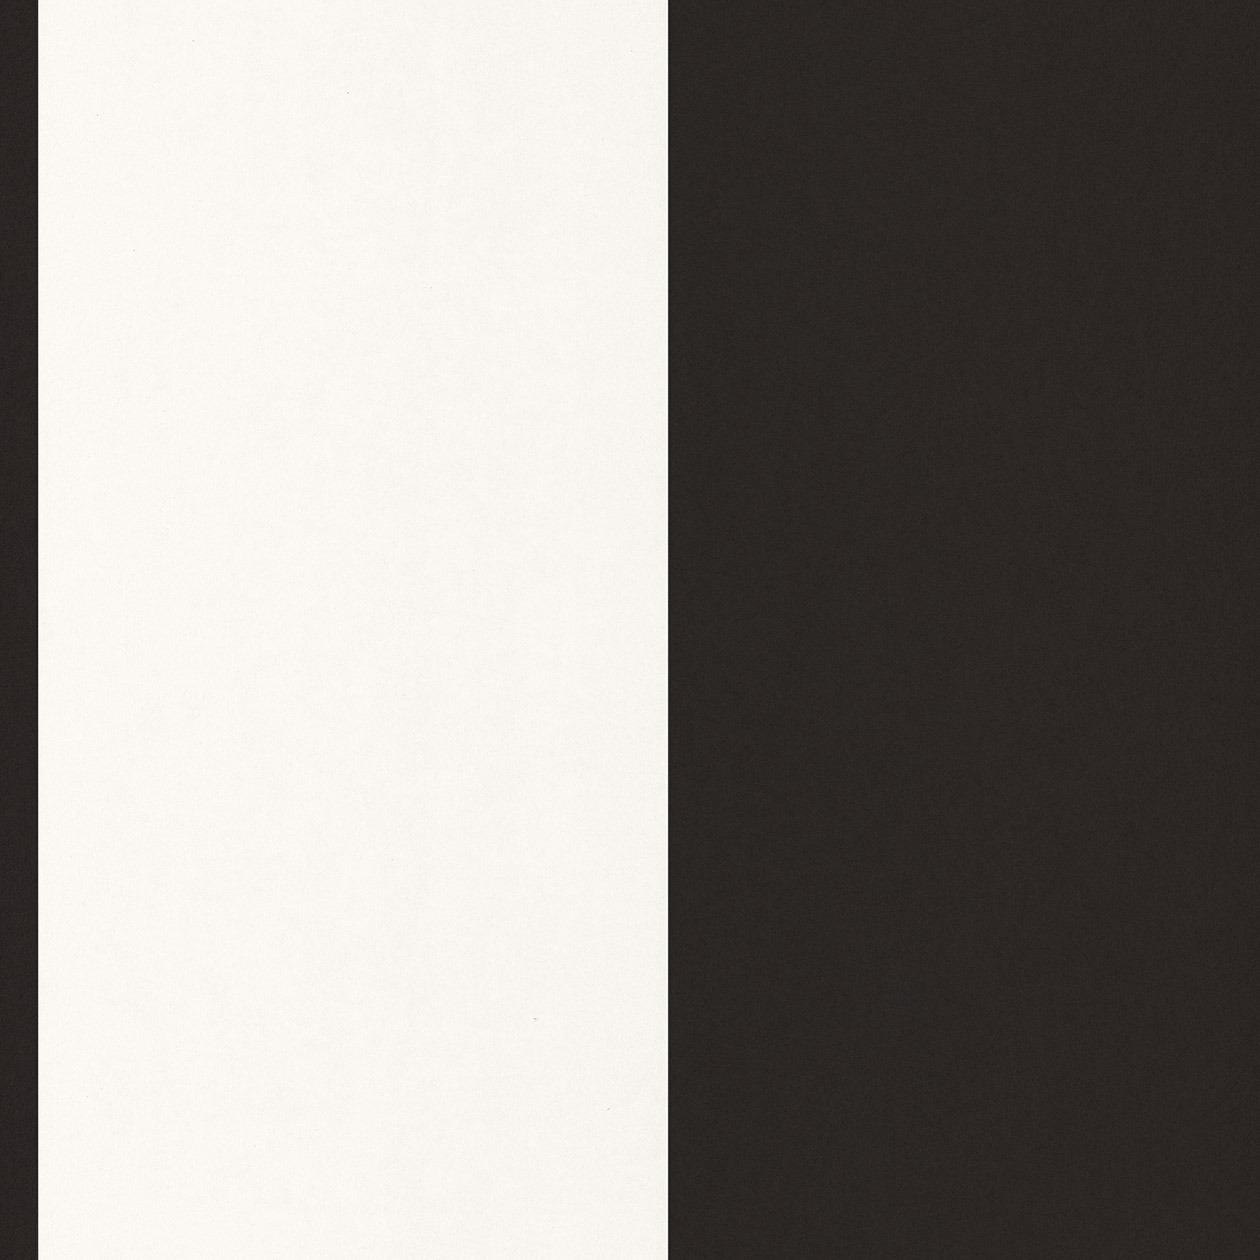 Французские обои Caselio,  коллекция Shades, артикулSHA61040092